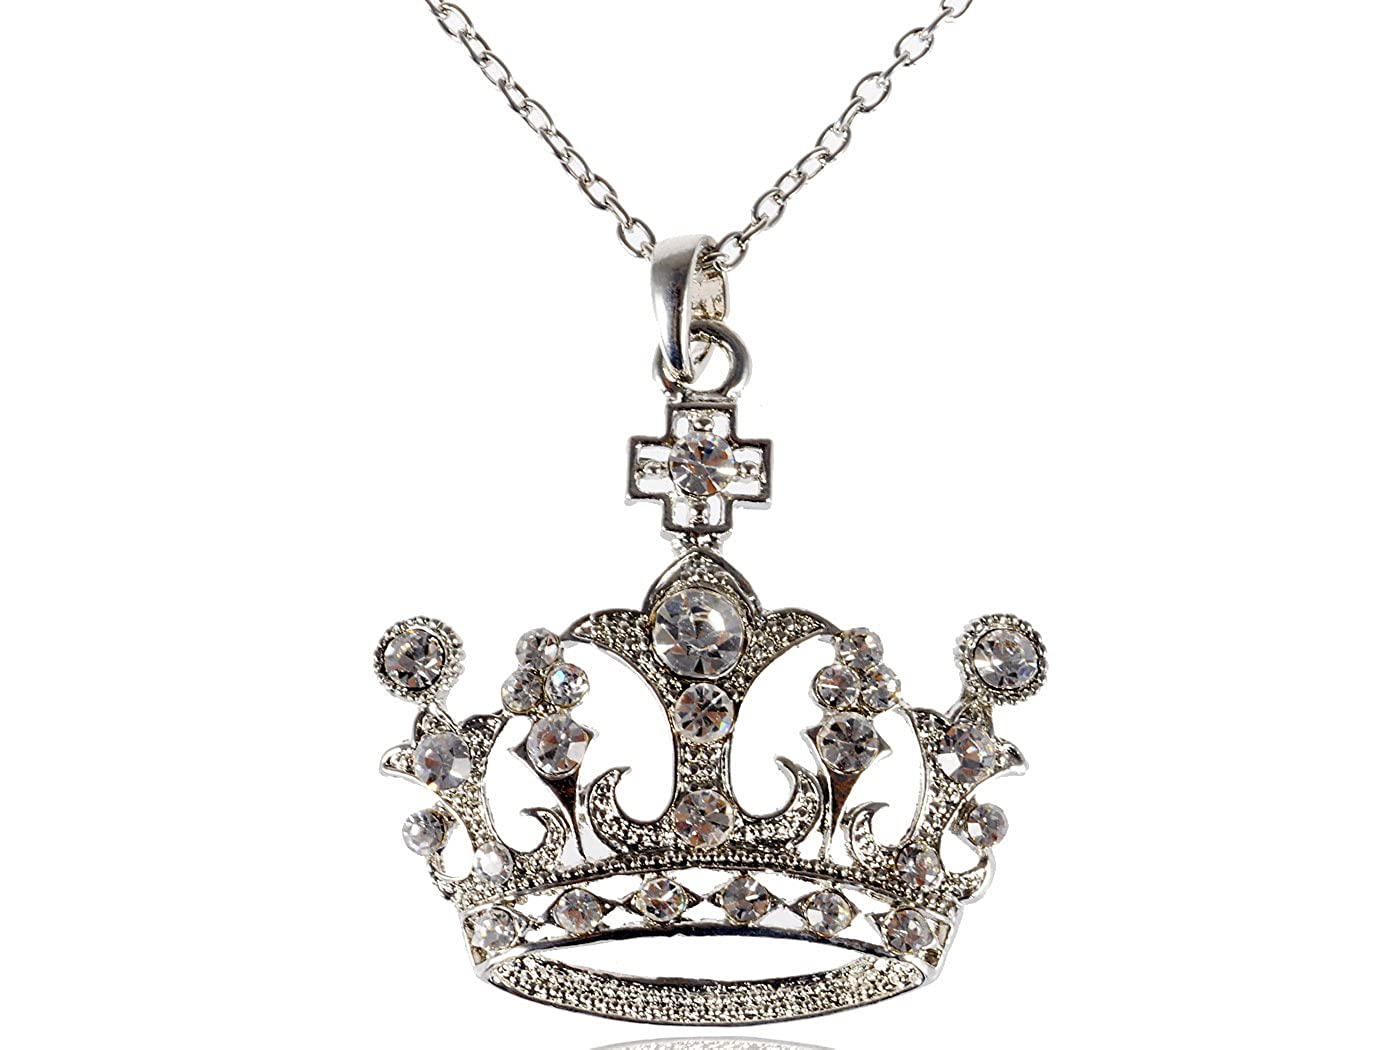 Alilang Silvery Tone Swarovski Crystal Rhinestone Queen Crown Princess Pendant Necklace